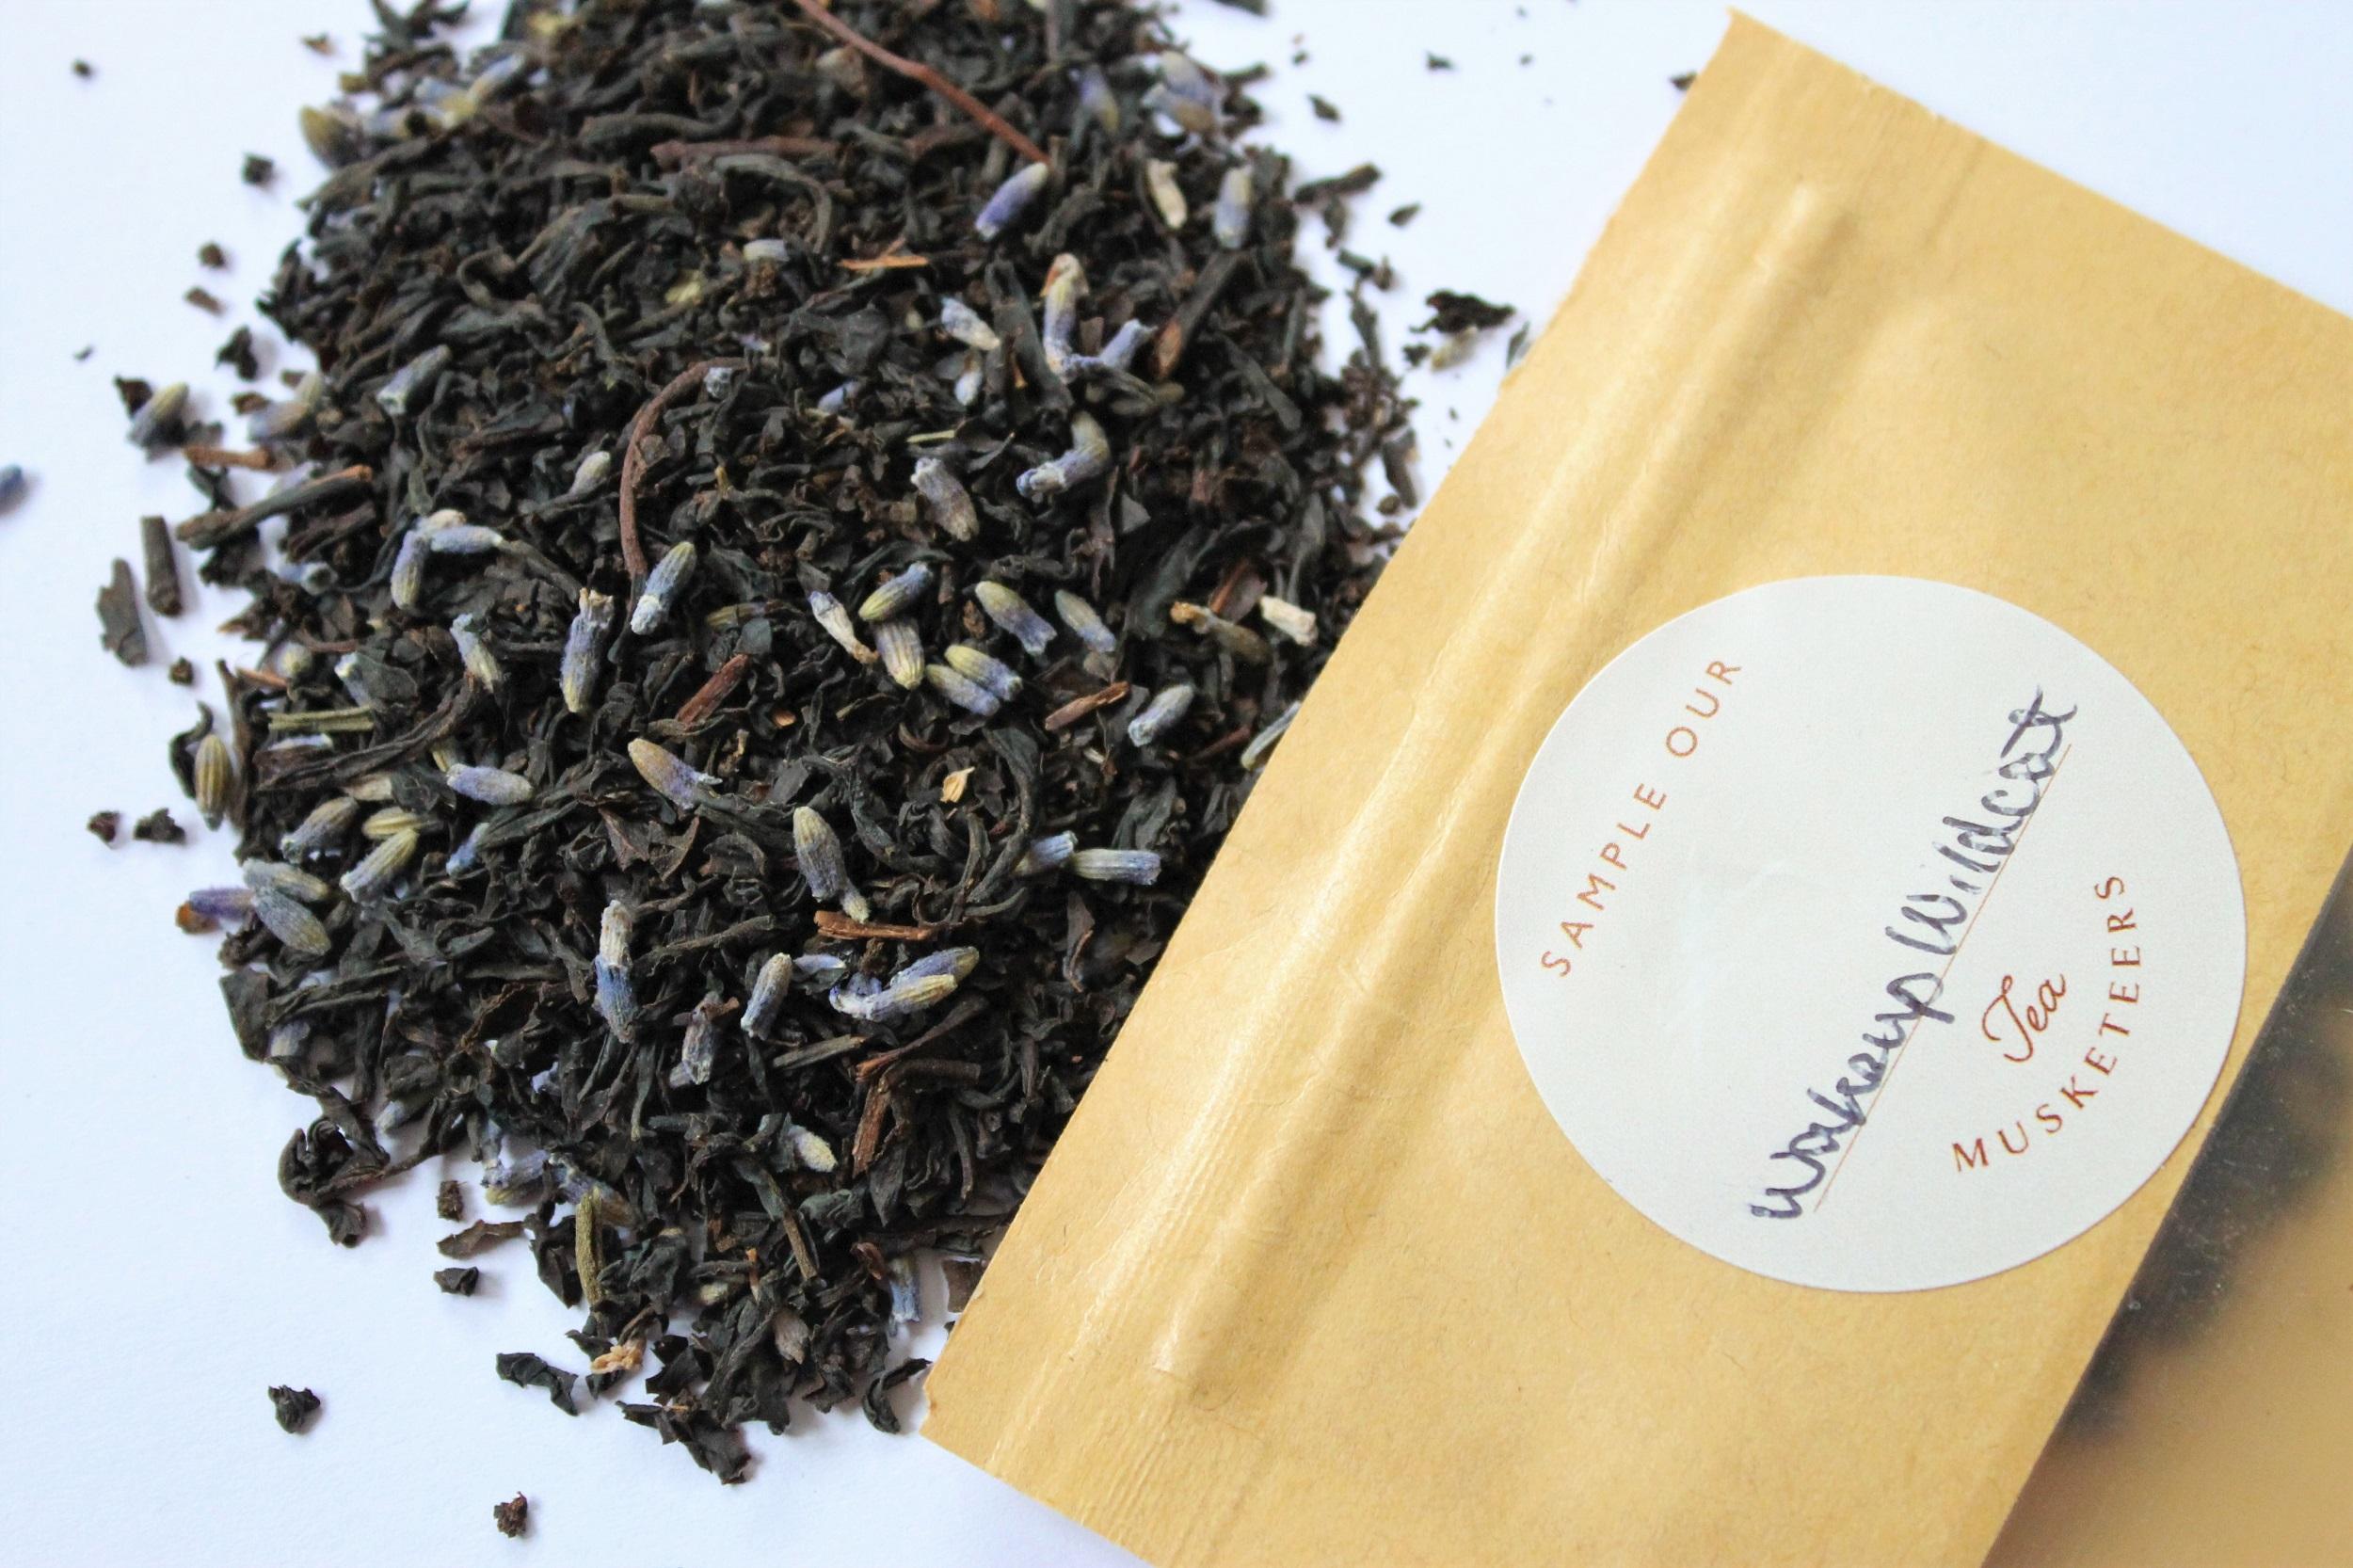 tea musketeers lavender black tea